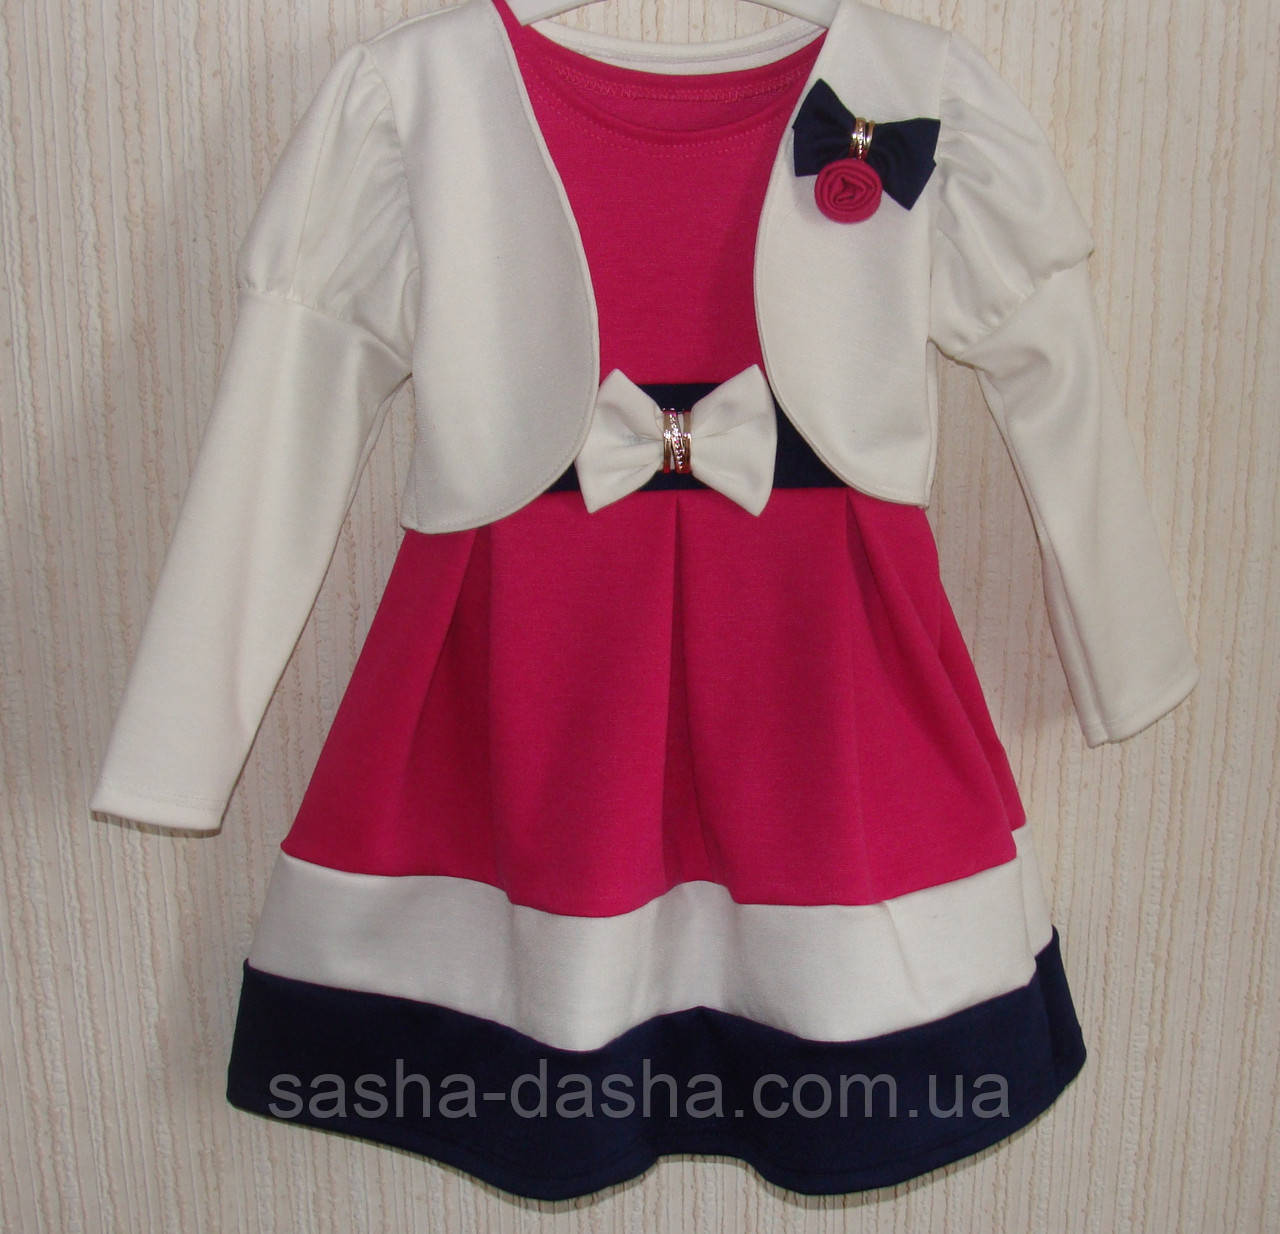 Купить платье болеро украина